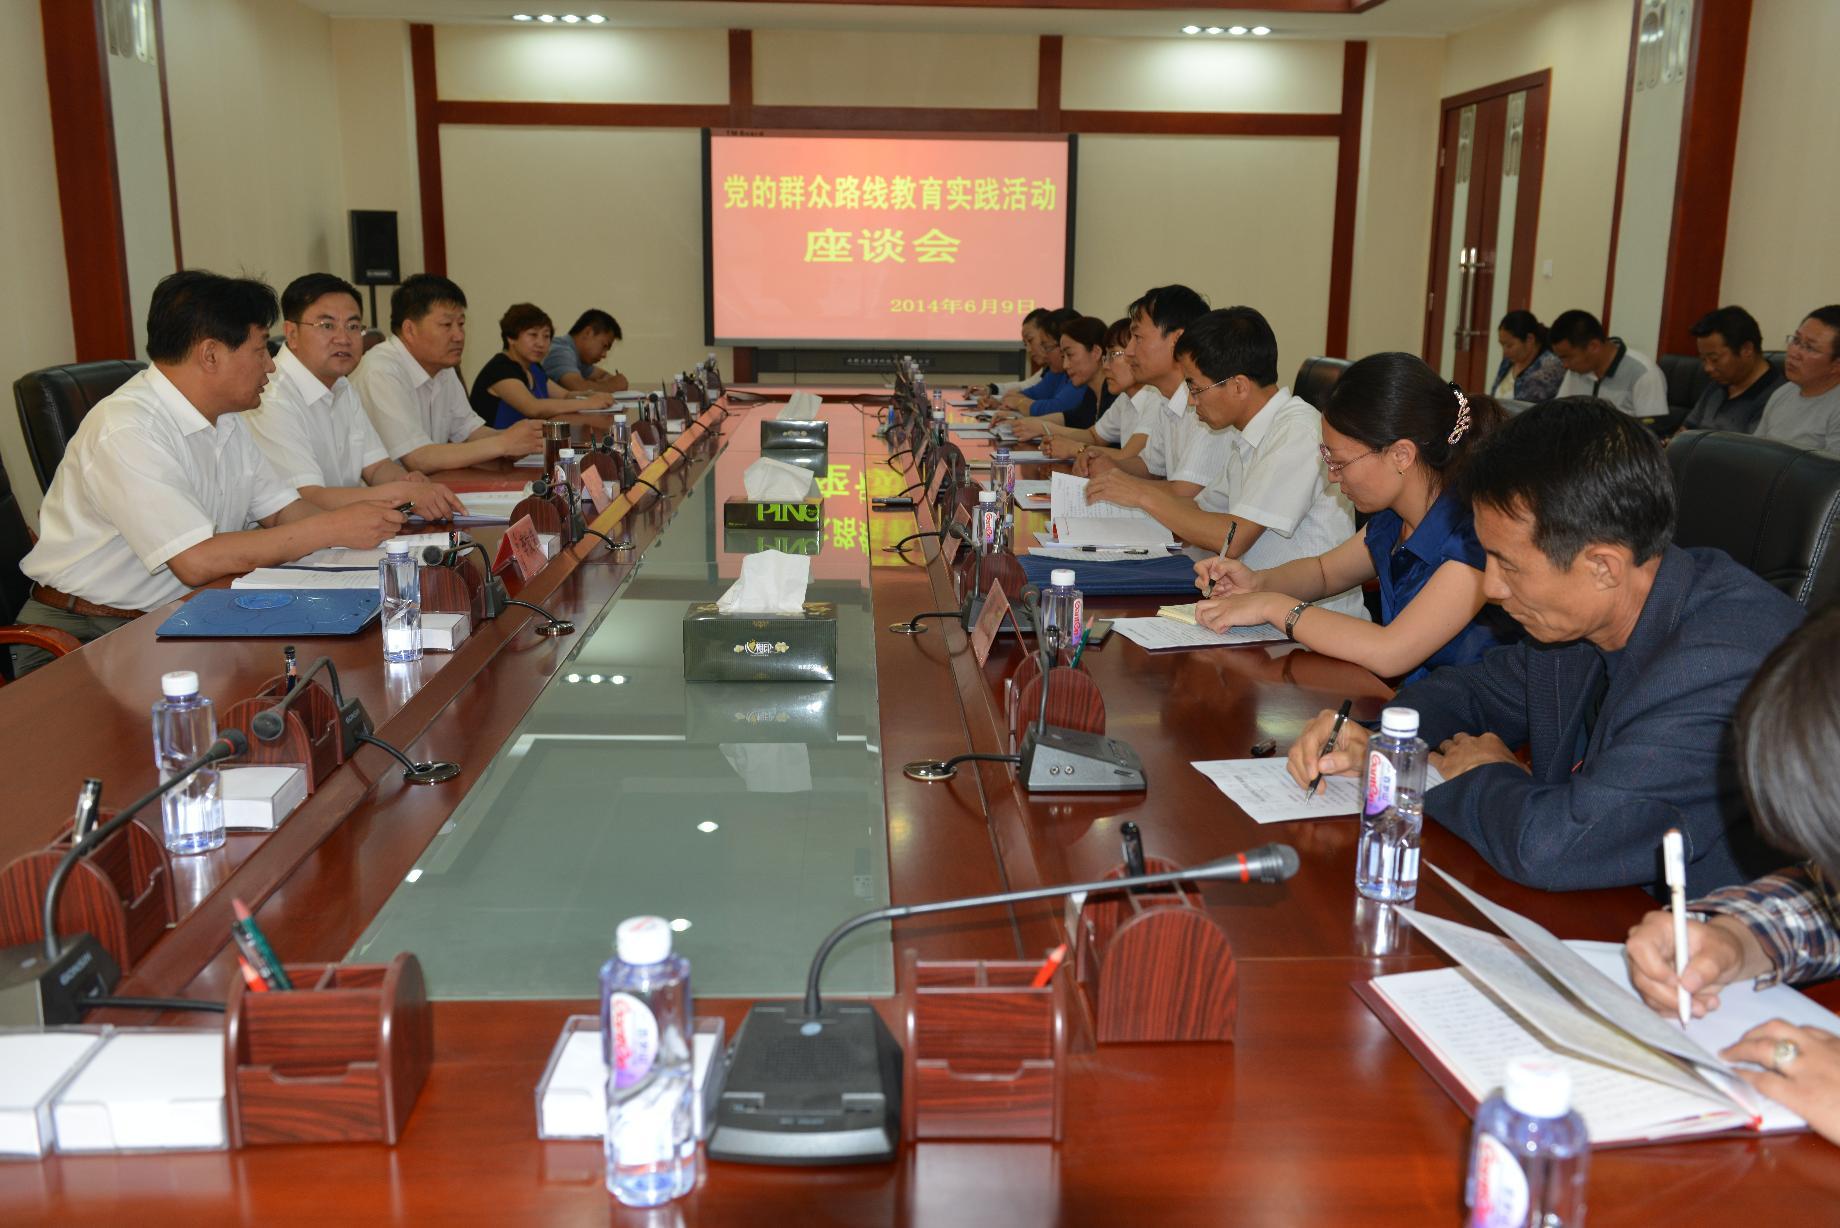 旗委书记杨海召开党的群众路线教育实践活动座谈会